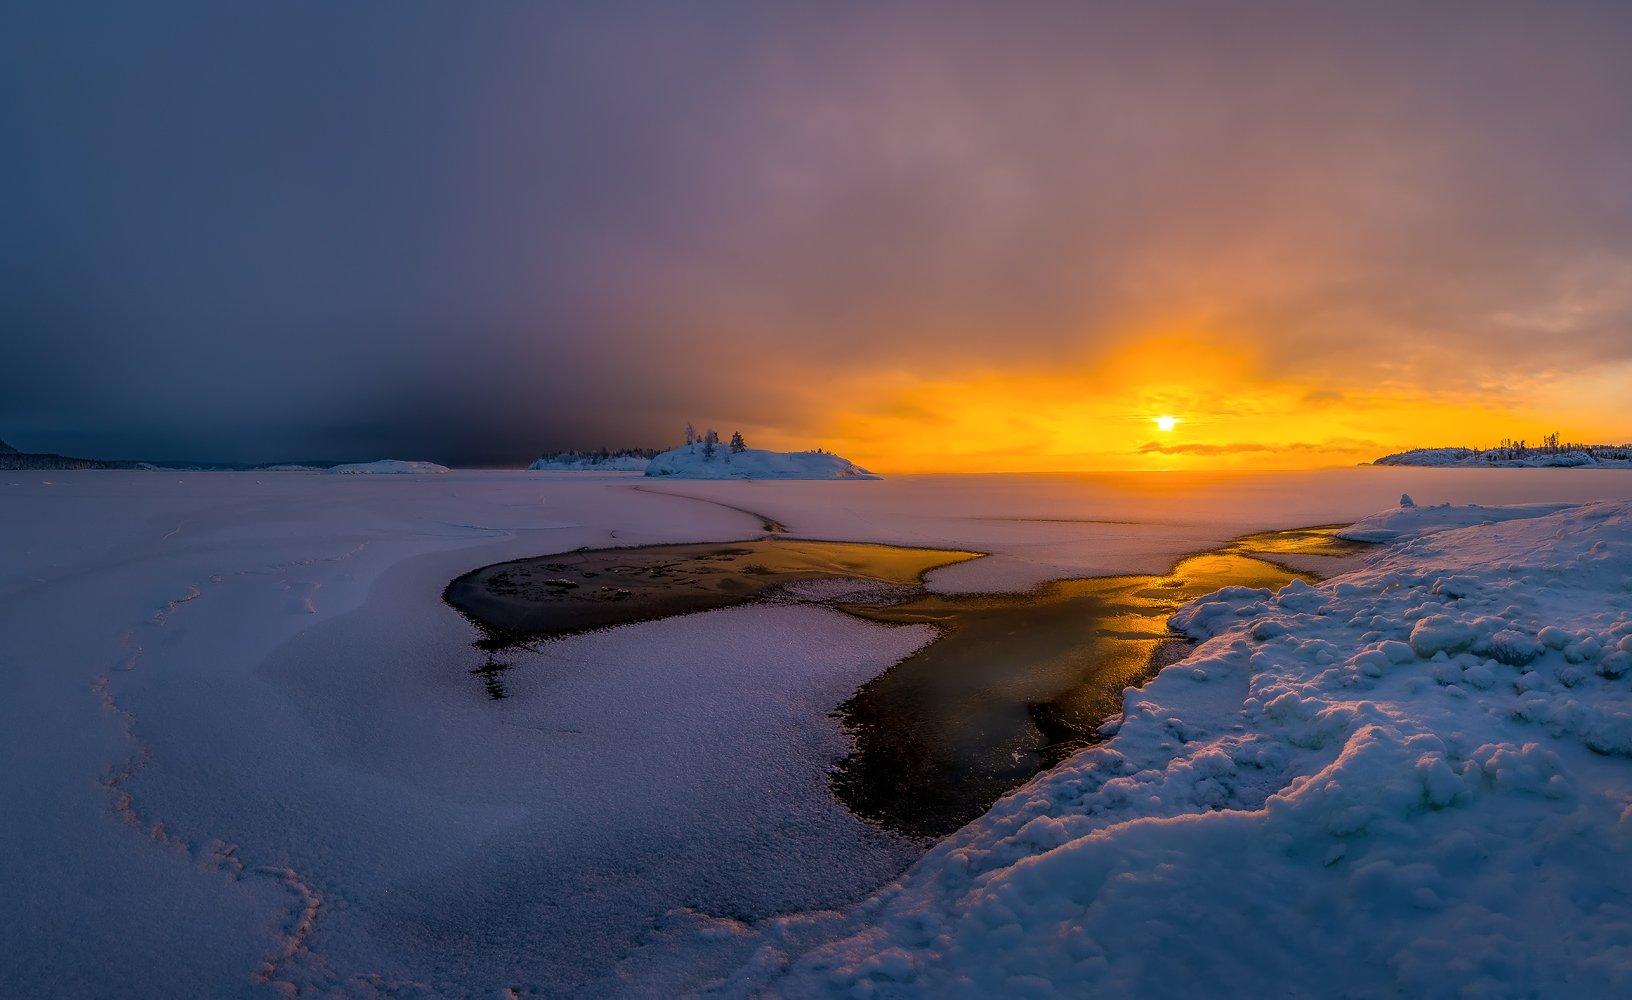 ладожское озеро, карелия, остров, зима, снег, рассвет, тучи, Лашков Фёдор